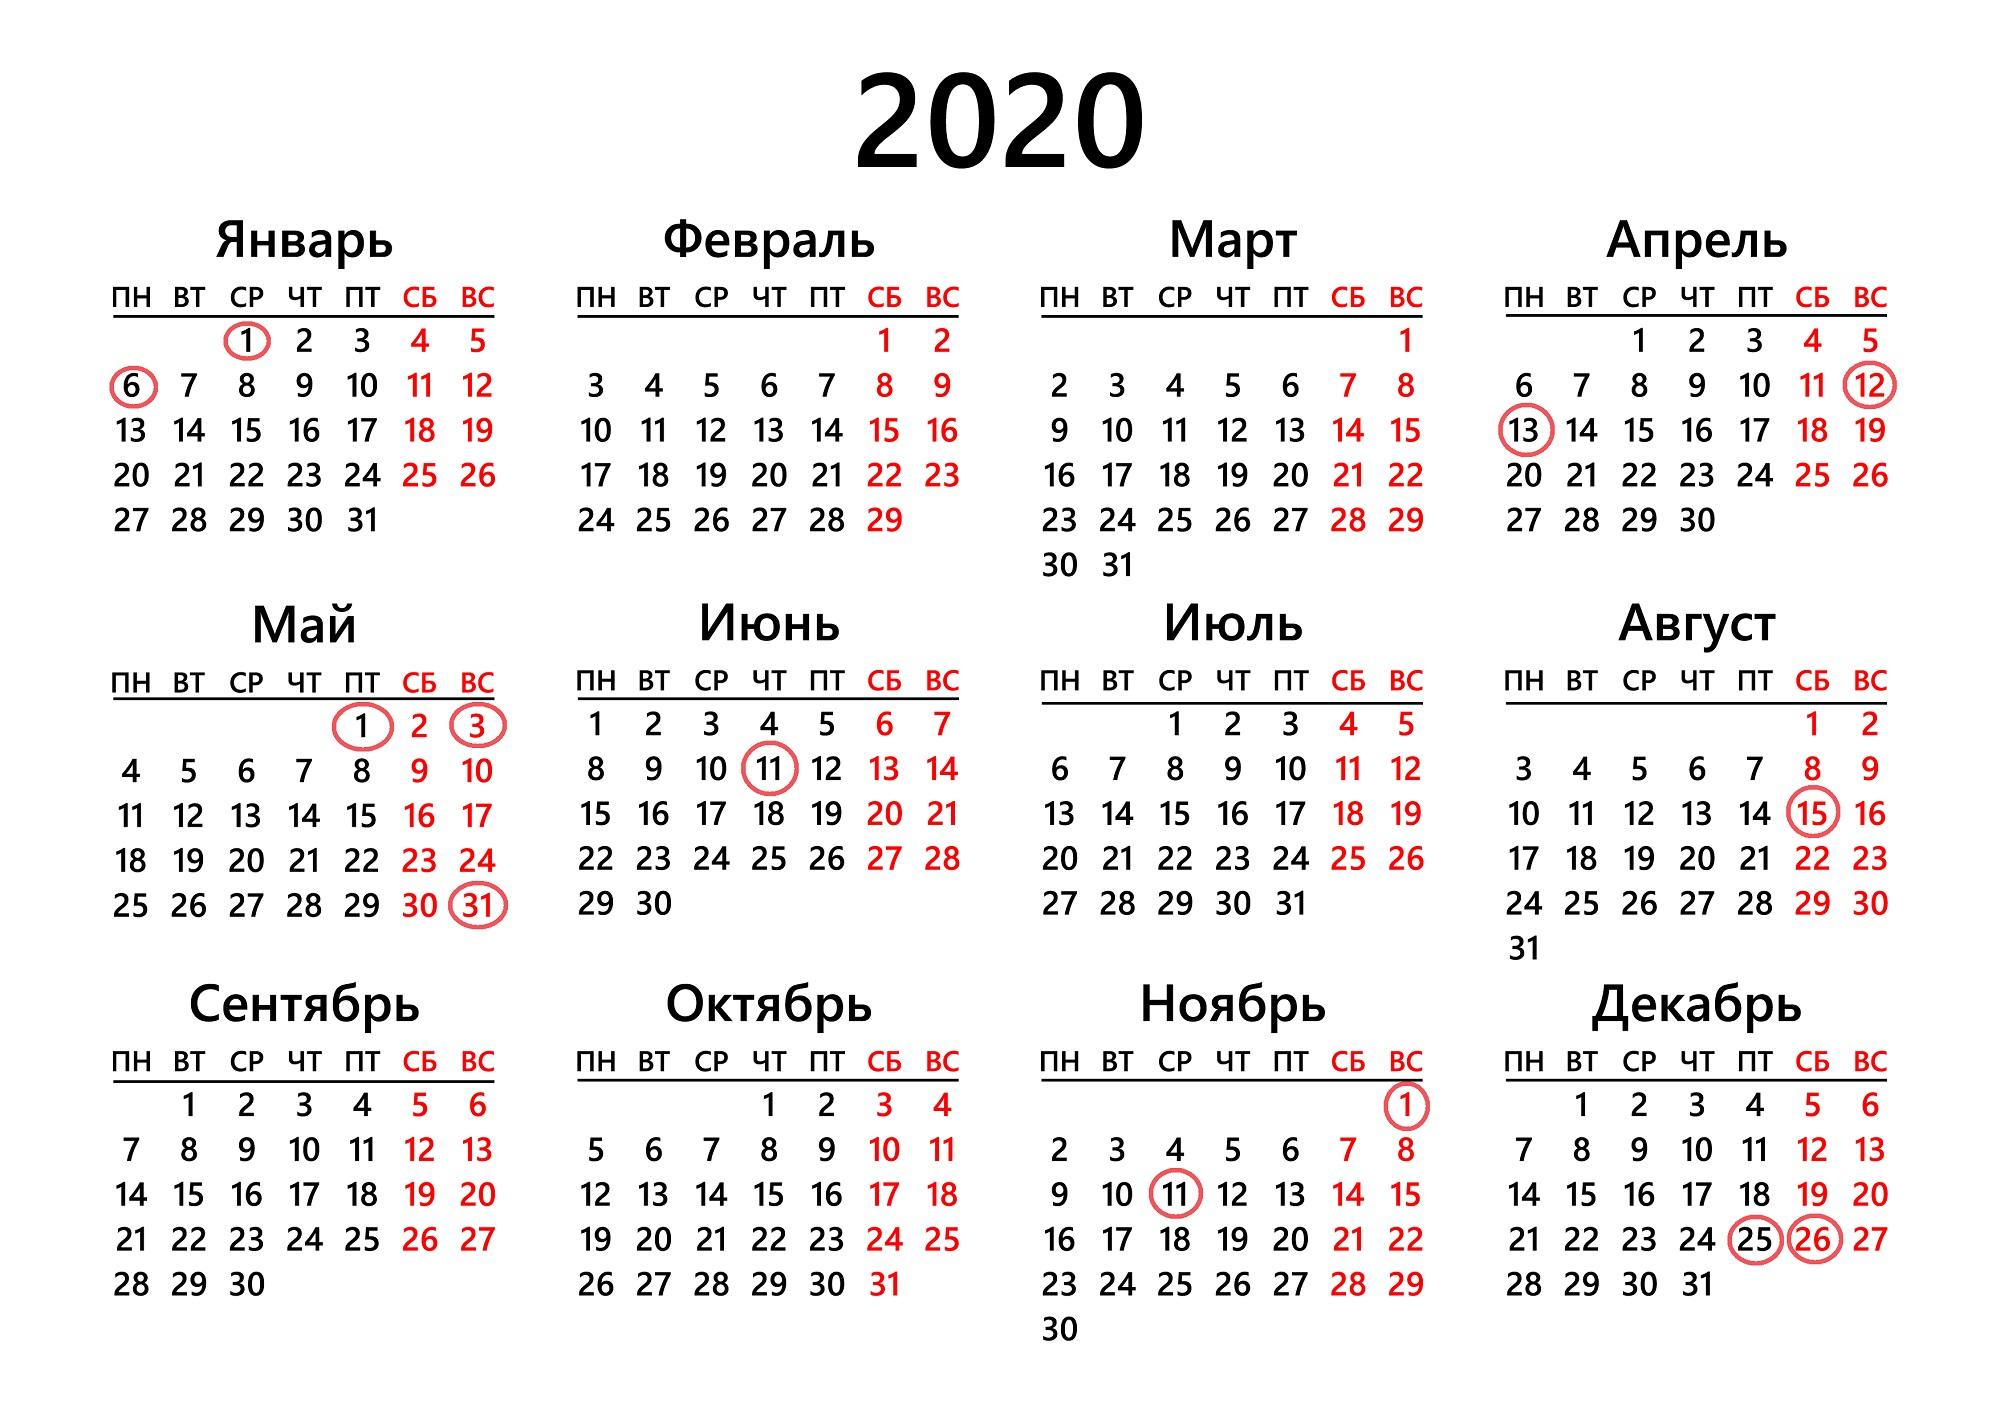 Работа в польше на 2020 год купить дом в малибу на берегу